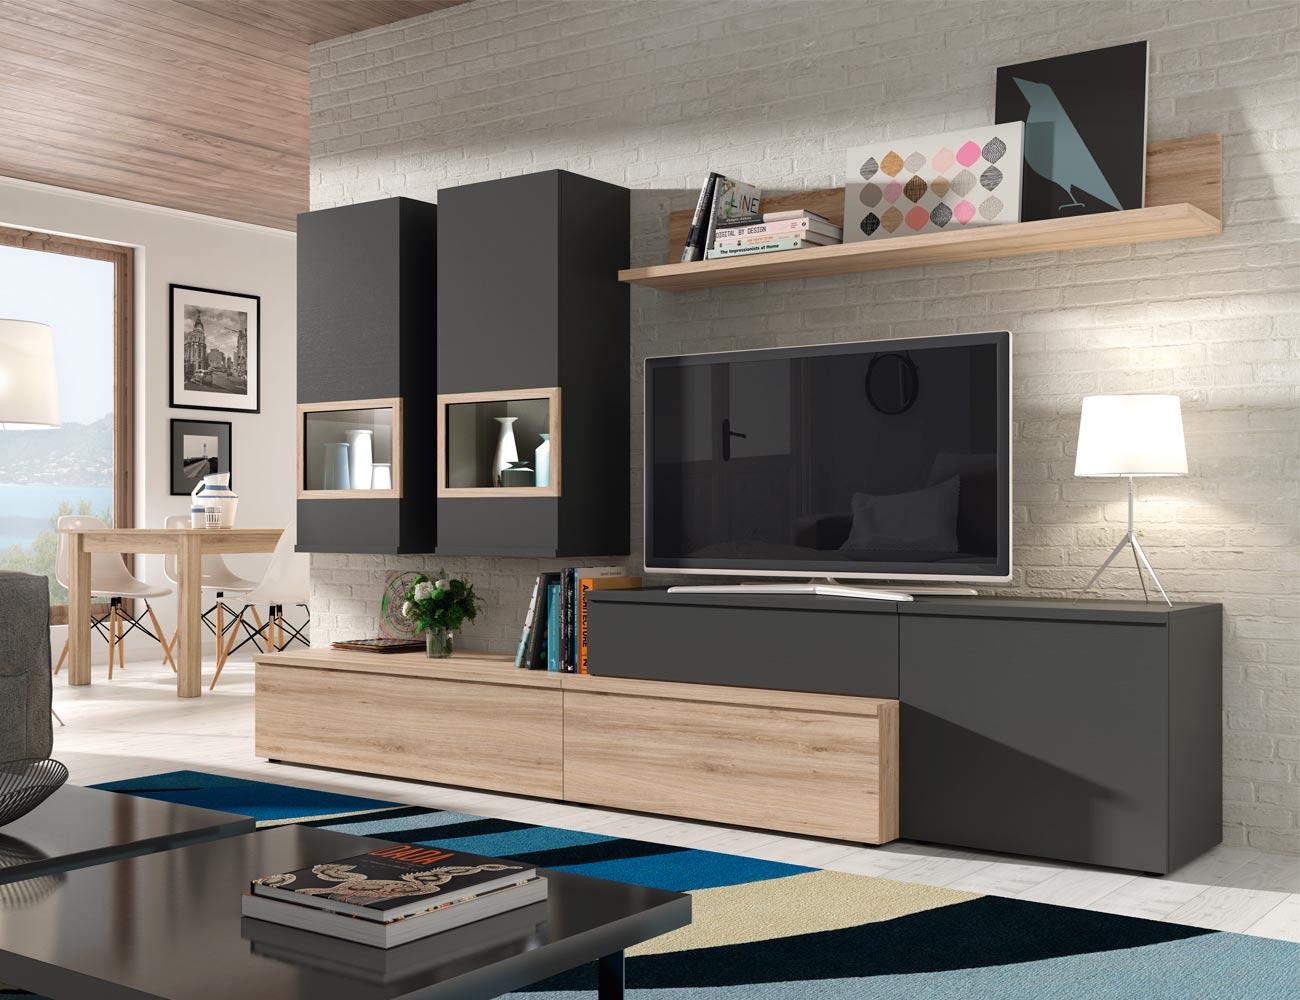 Mueble de sal n comedor estilo moderno con luces leds en - Mueble de salon moderno ...